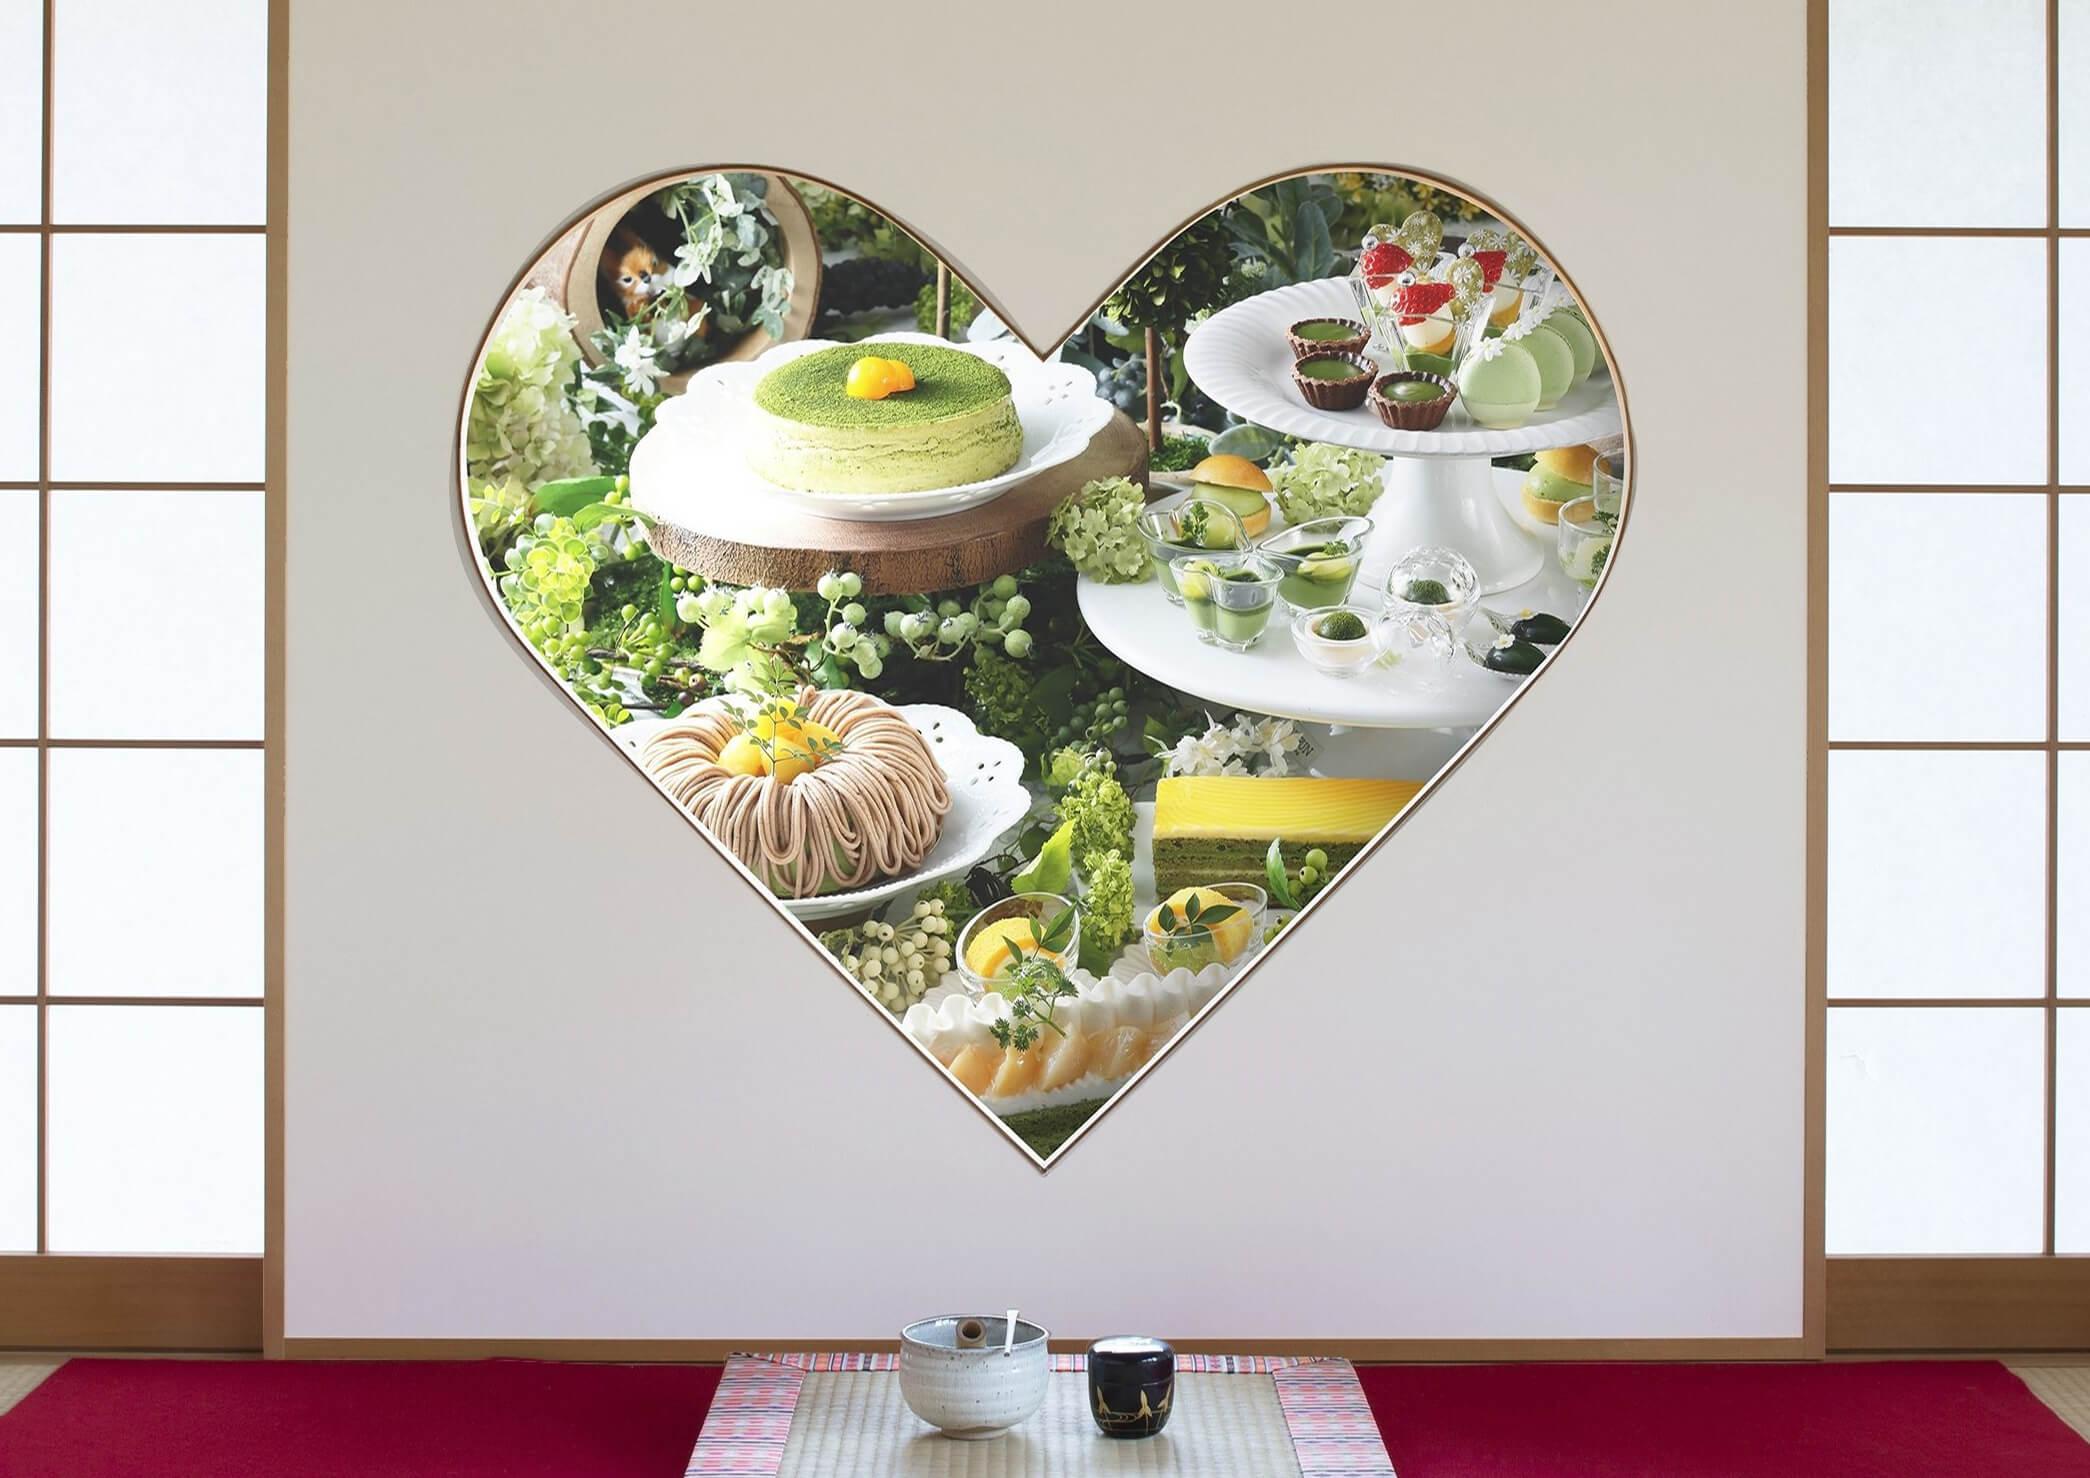 祇園辻利の宇治抹茶を使用したスイーツ!抹茶スイーツブッフェ京都で開催